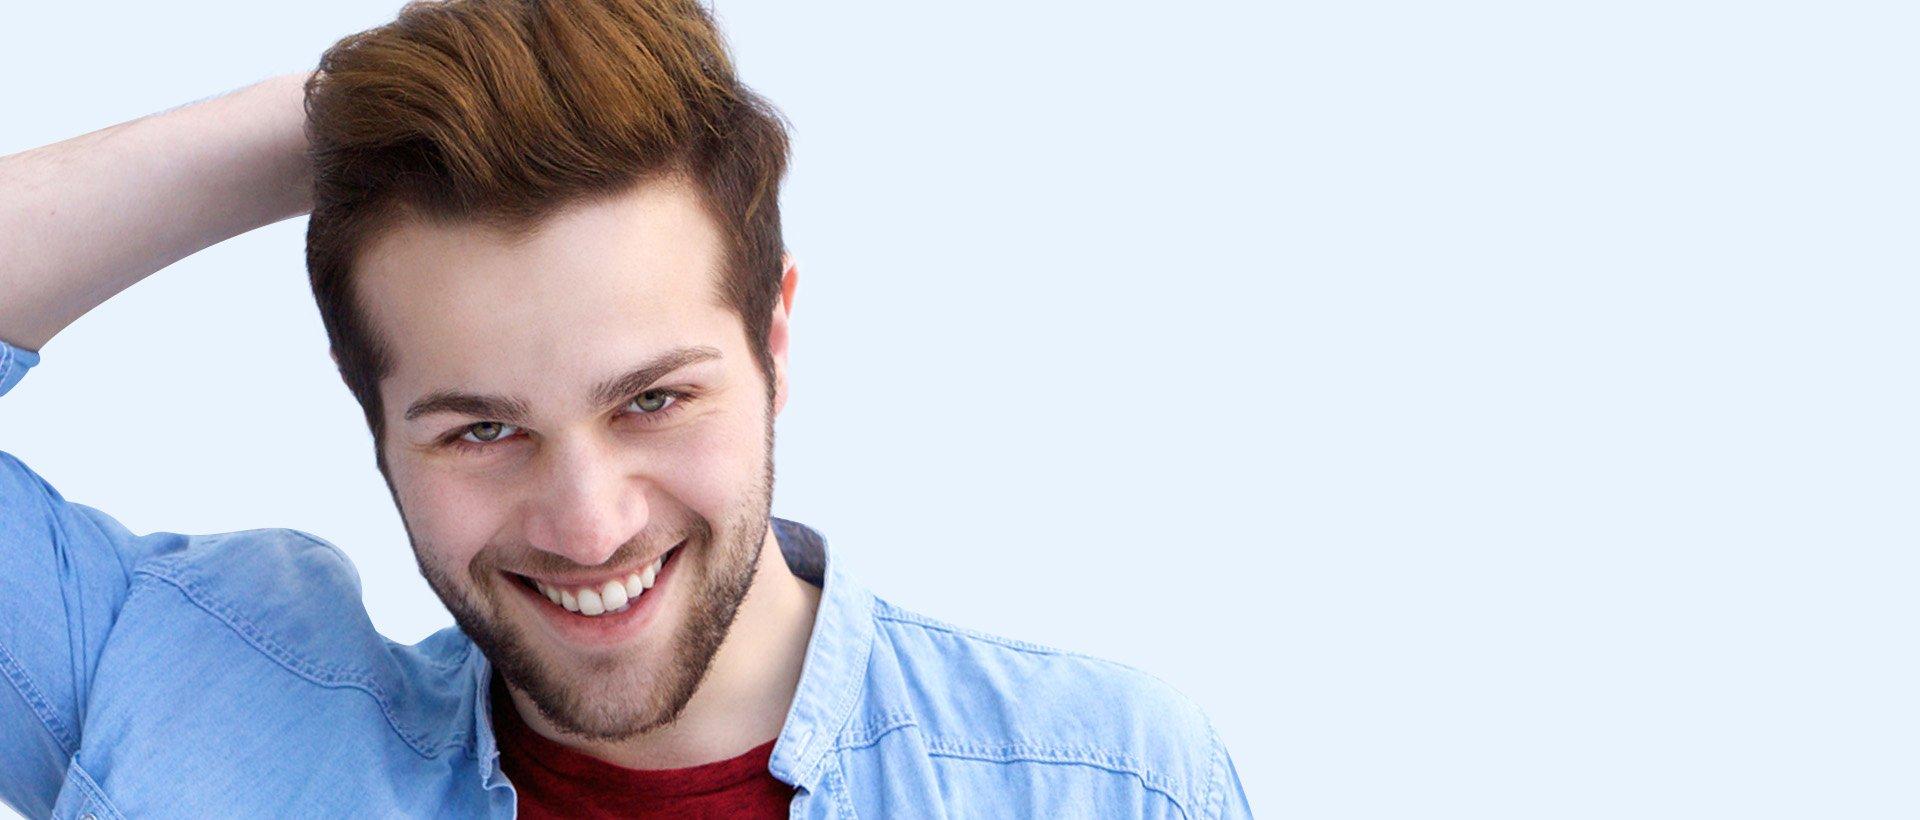 hlcc productos y tratamientos para la caida del cabello banner 2 - Productos y Tratamientos para la caída del Cabello | JUVENSA